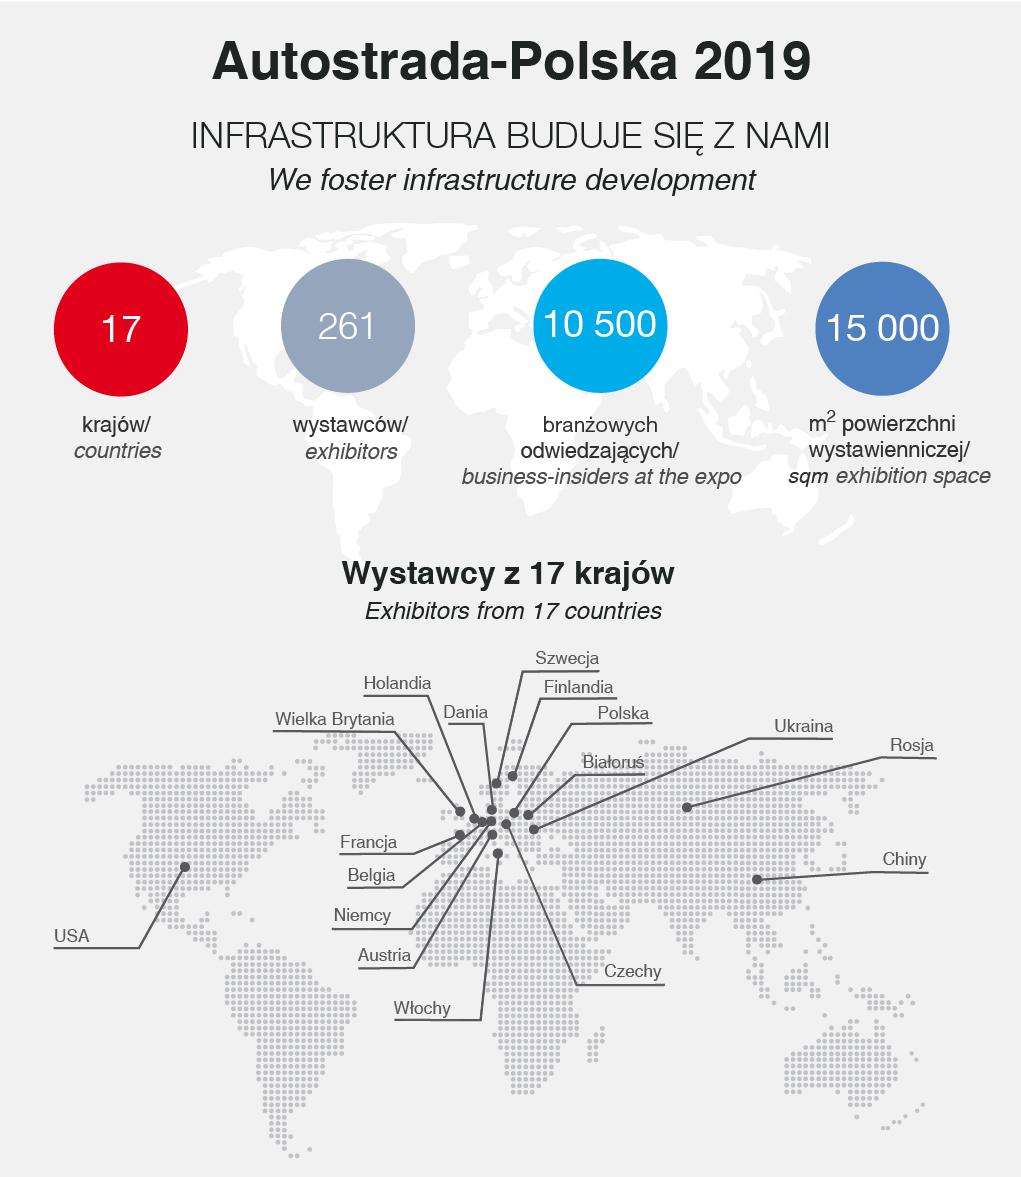 autostrada 2018 - statystyka (infografika)